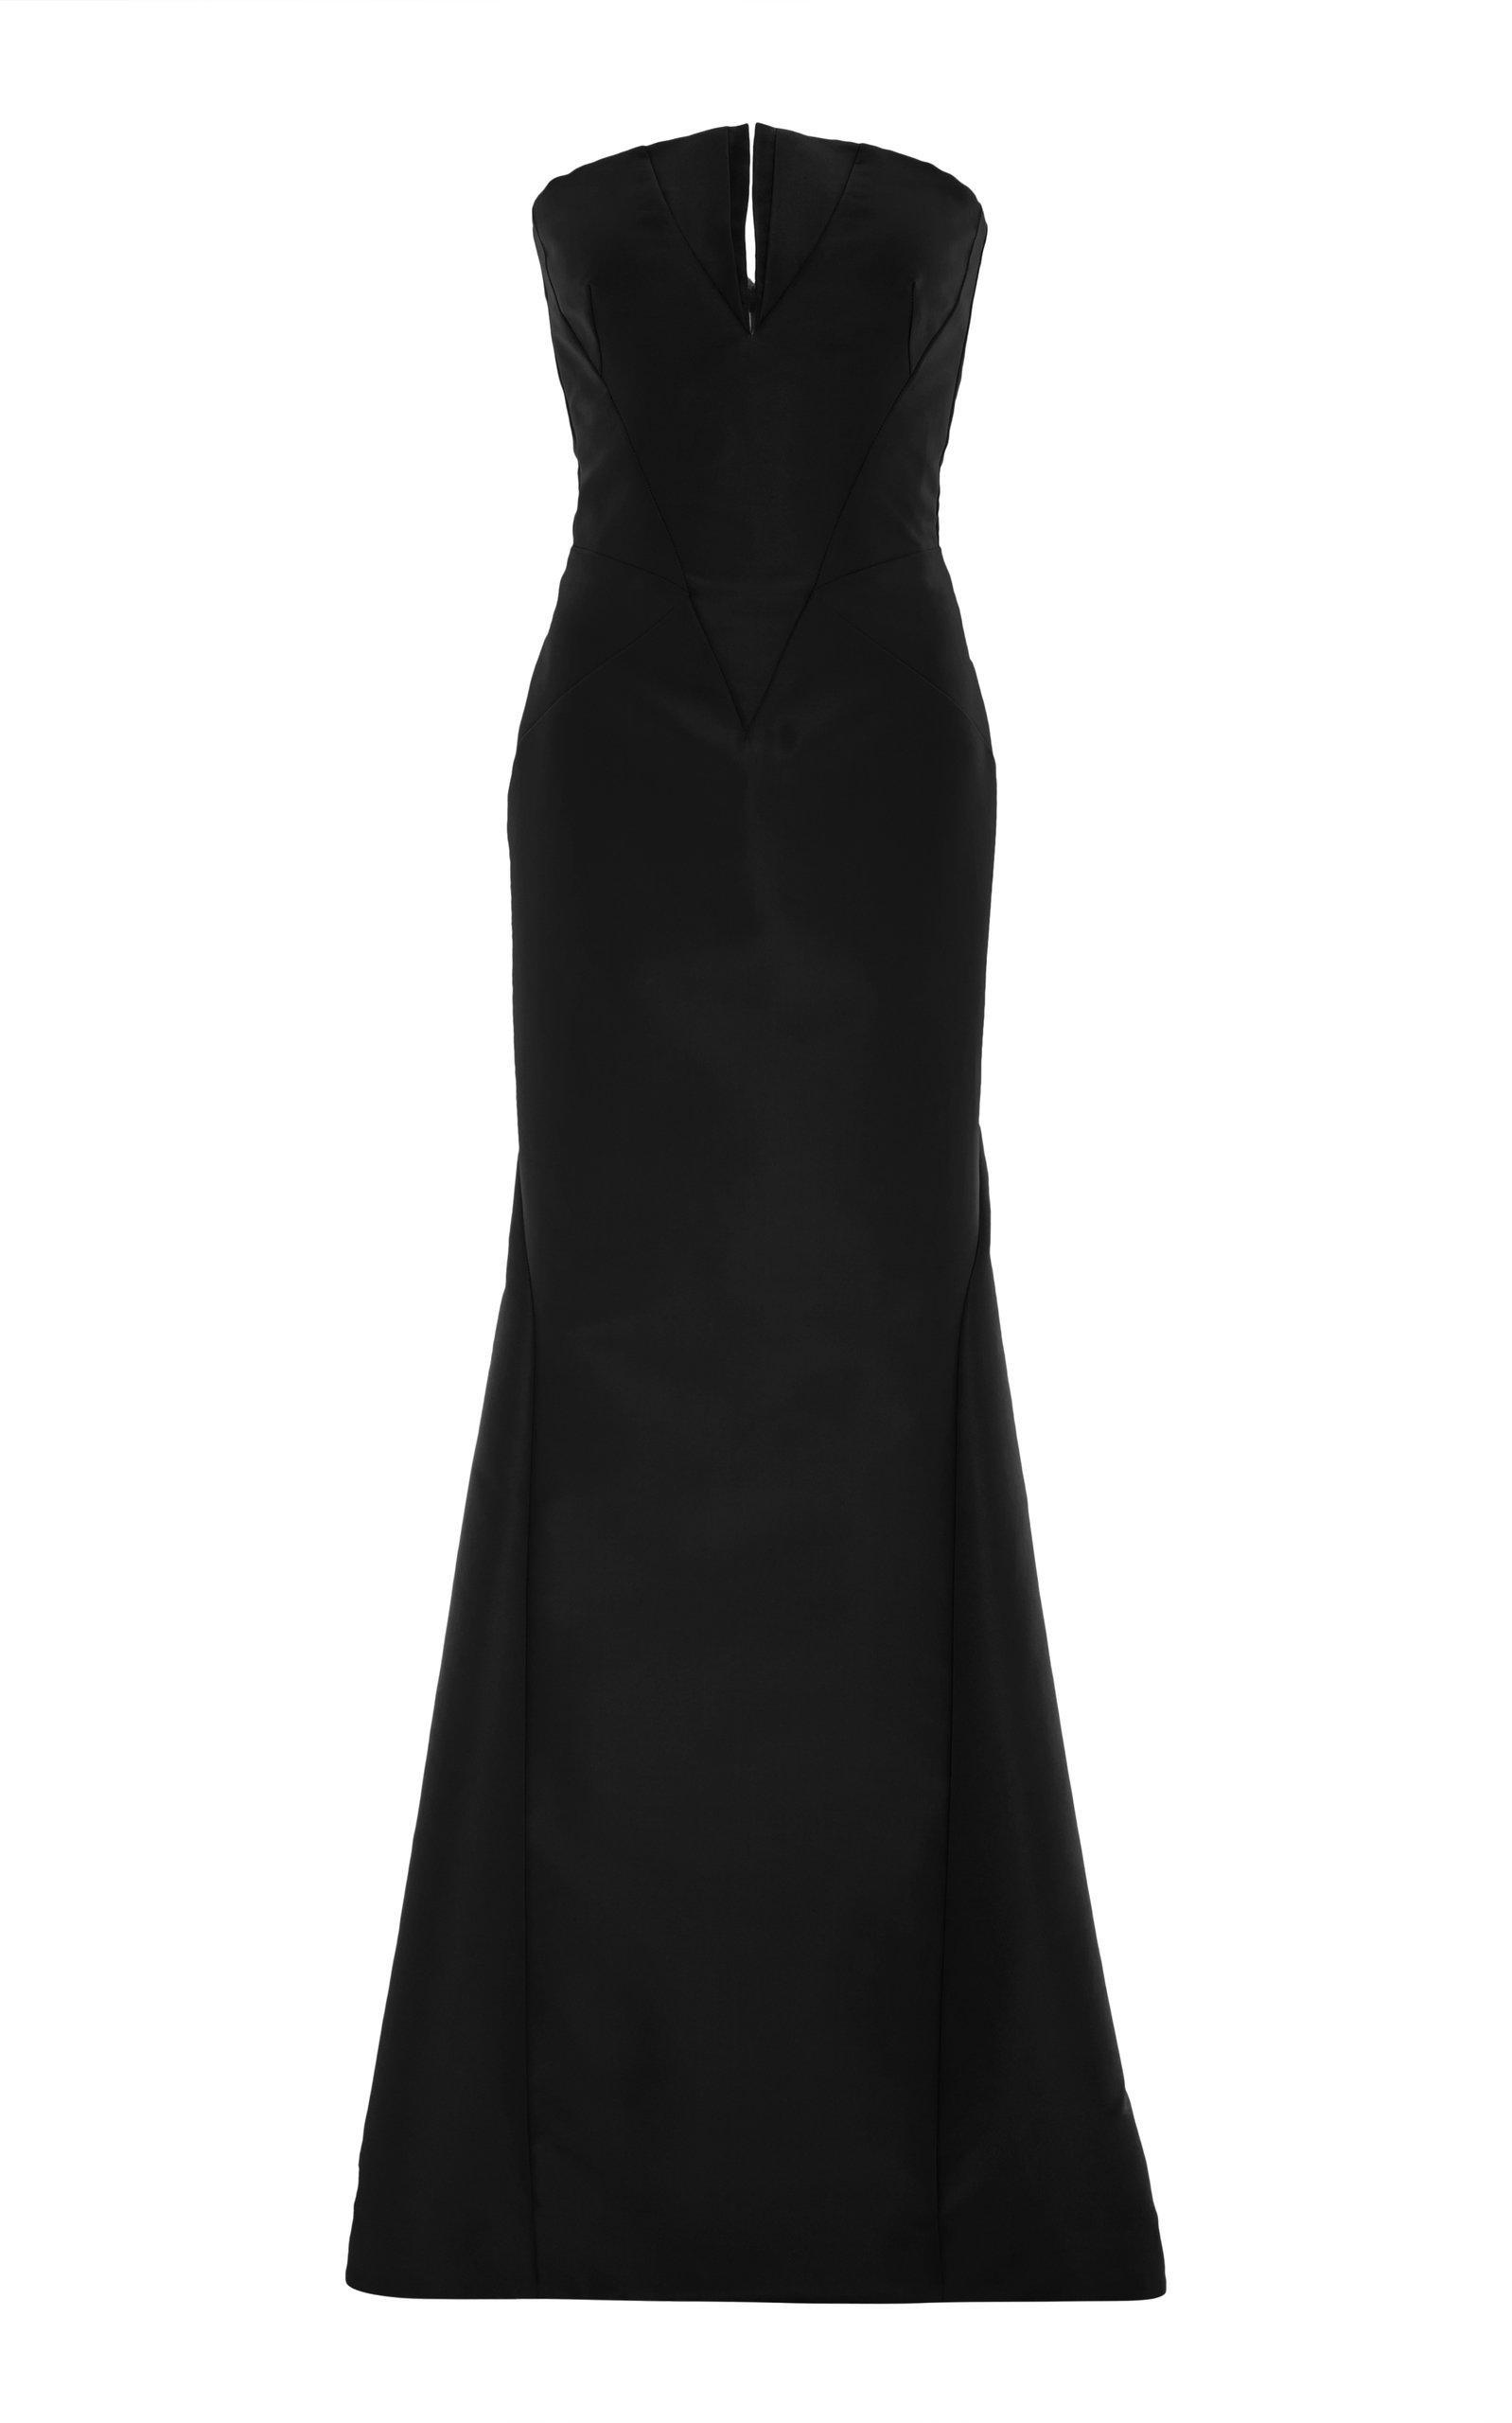 Zac Posen Strapless Gown In Black